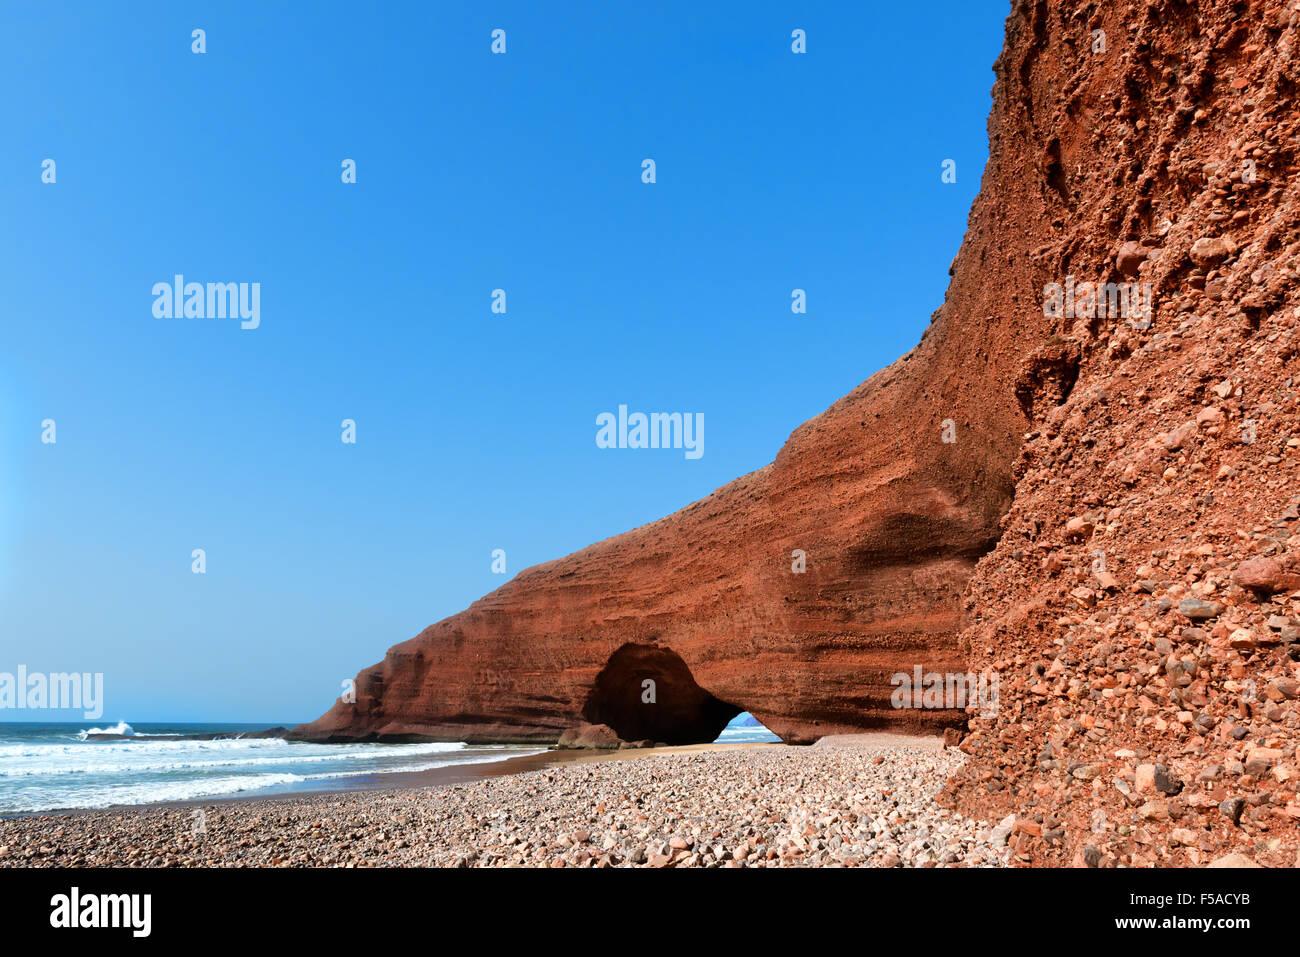 Naturale di mare-usurati archi di roccia contro il cielo blu e chiaro a Legzira beach, Marocco. Immagini Stock